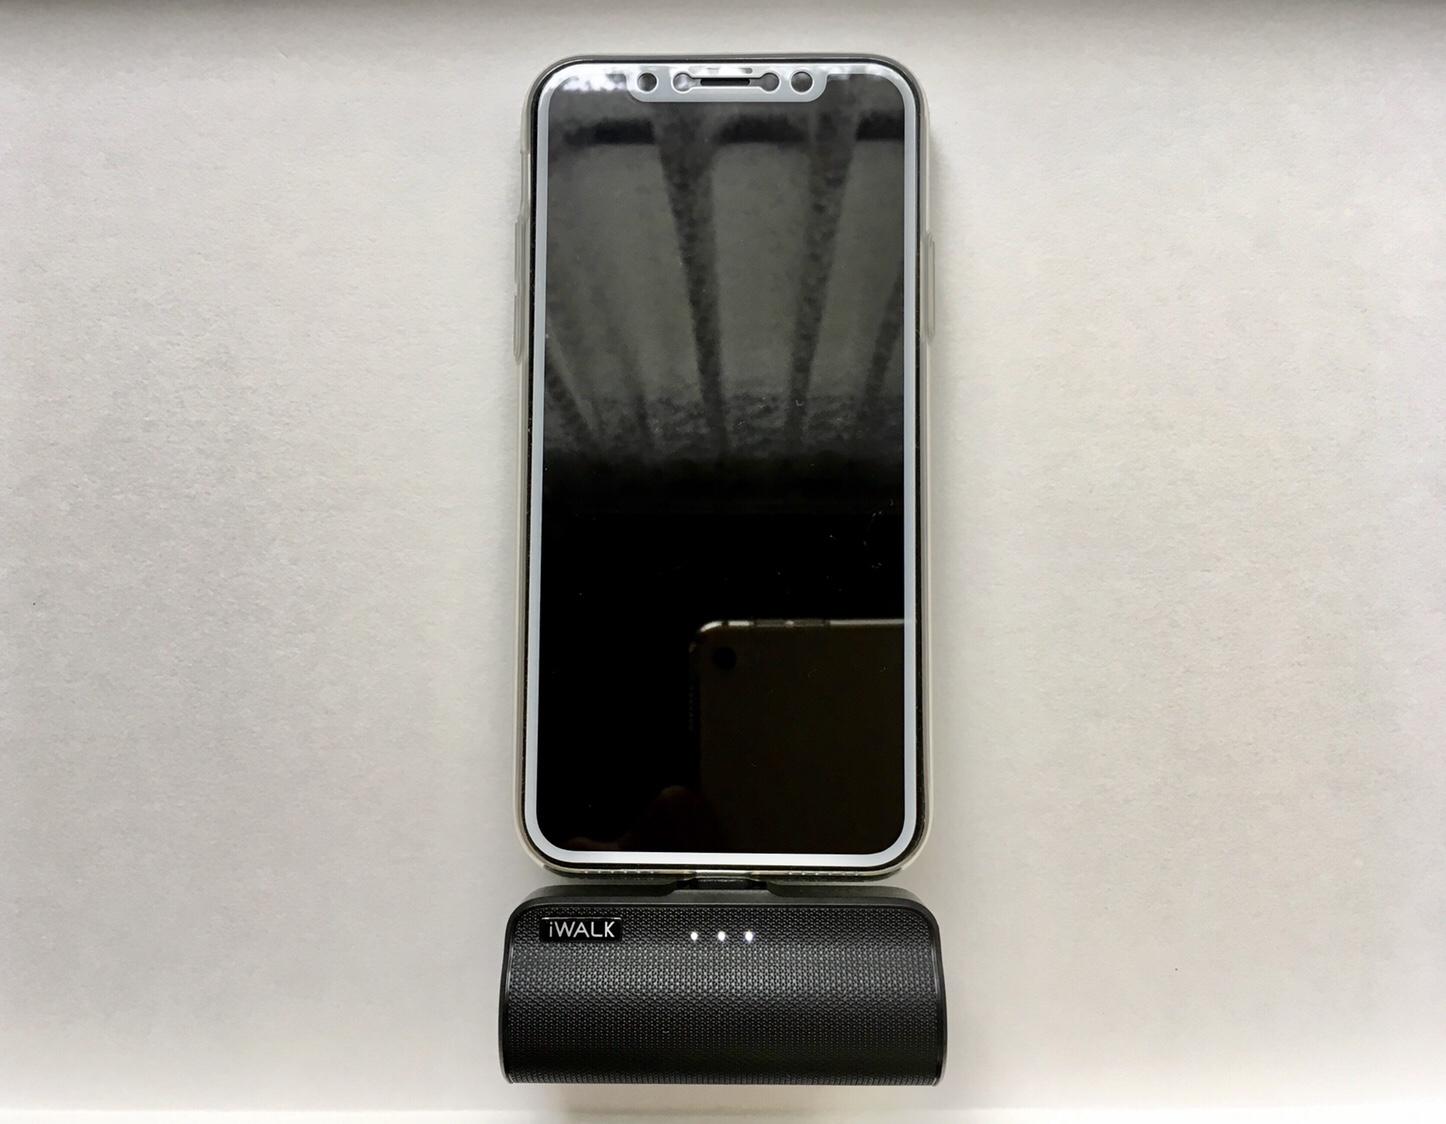 iWALKでiPhoneの充電方法